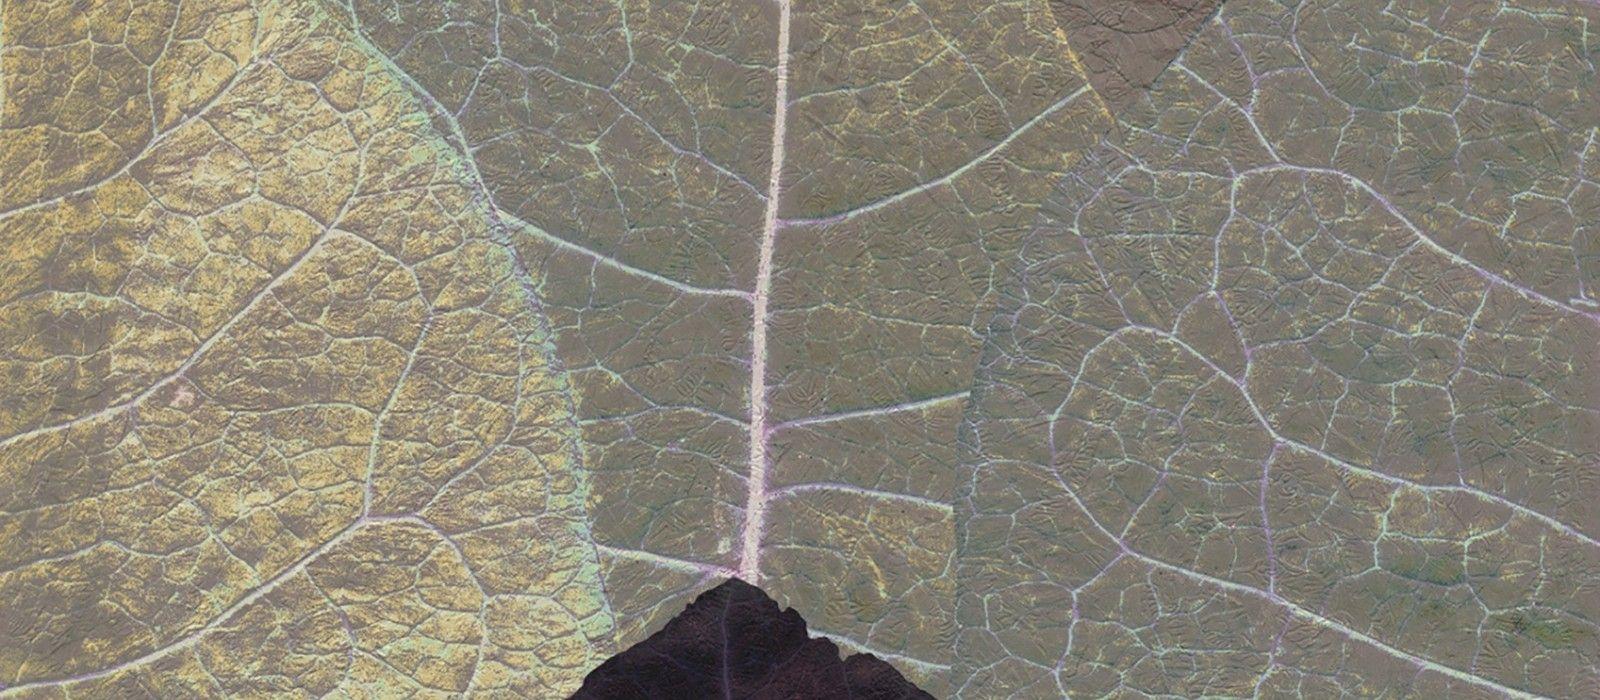 Pehmeät ääriviivat - lämpimät värit Countryside-malliston tapetit kuvastavat luonnon kauneutta. Suunnittelu ja värimaailma luovat täydellisen harmonian yhdistelemällä luonnollista ja nykyaikaista tyylikkyyttä. Malliston murretut värit antavat kuoseille haaveenomaisen ja rauhoittavan tunnelman ja aidonoloiset puun syyt luovat elävän vaikutelman seinälle. Valokuvatapetti 6-osaa Tapetin koko 318 x 280 cm